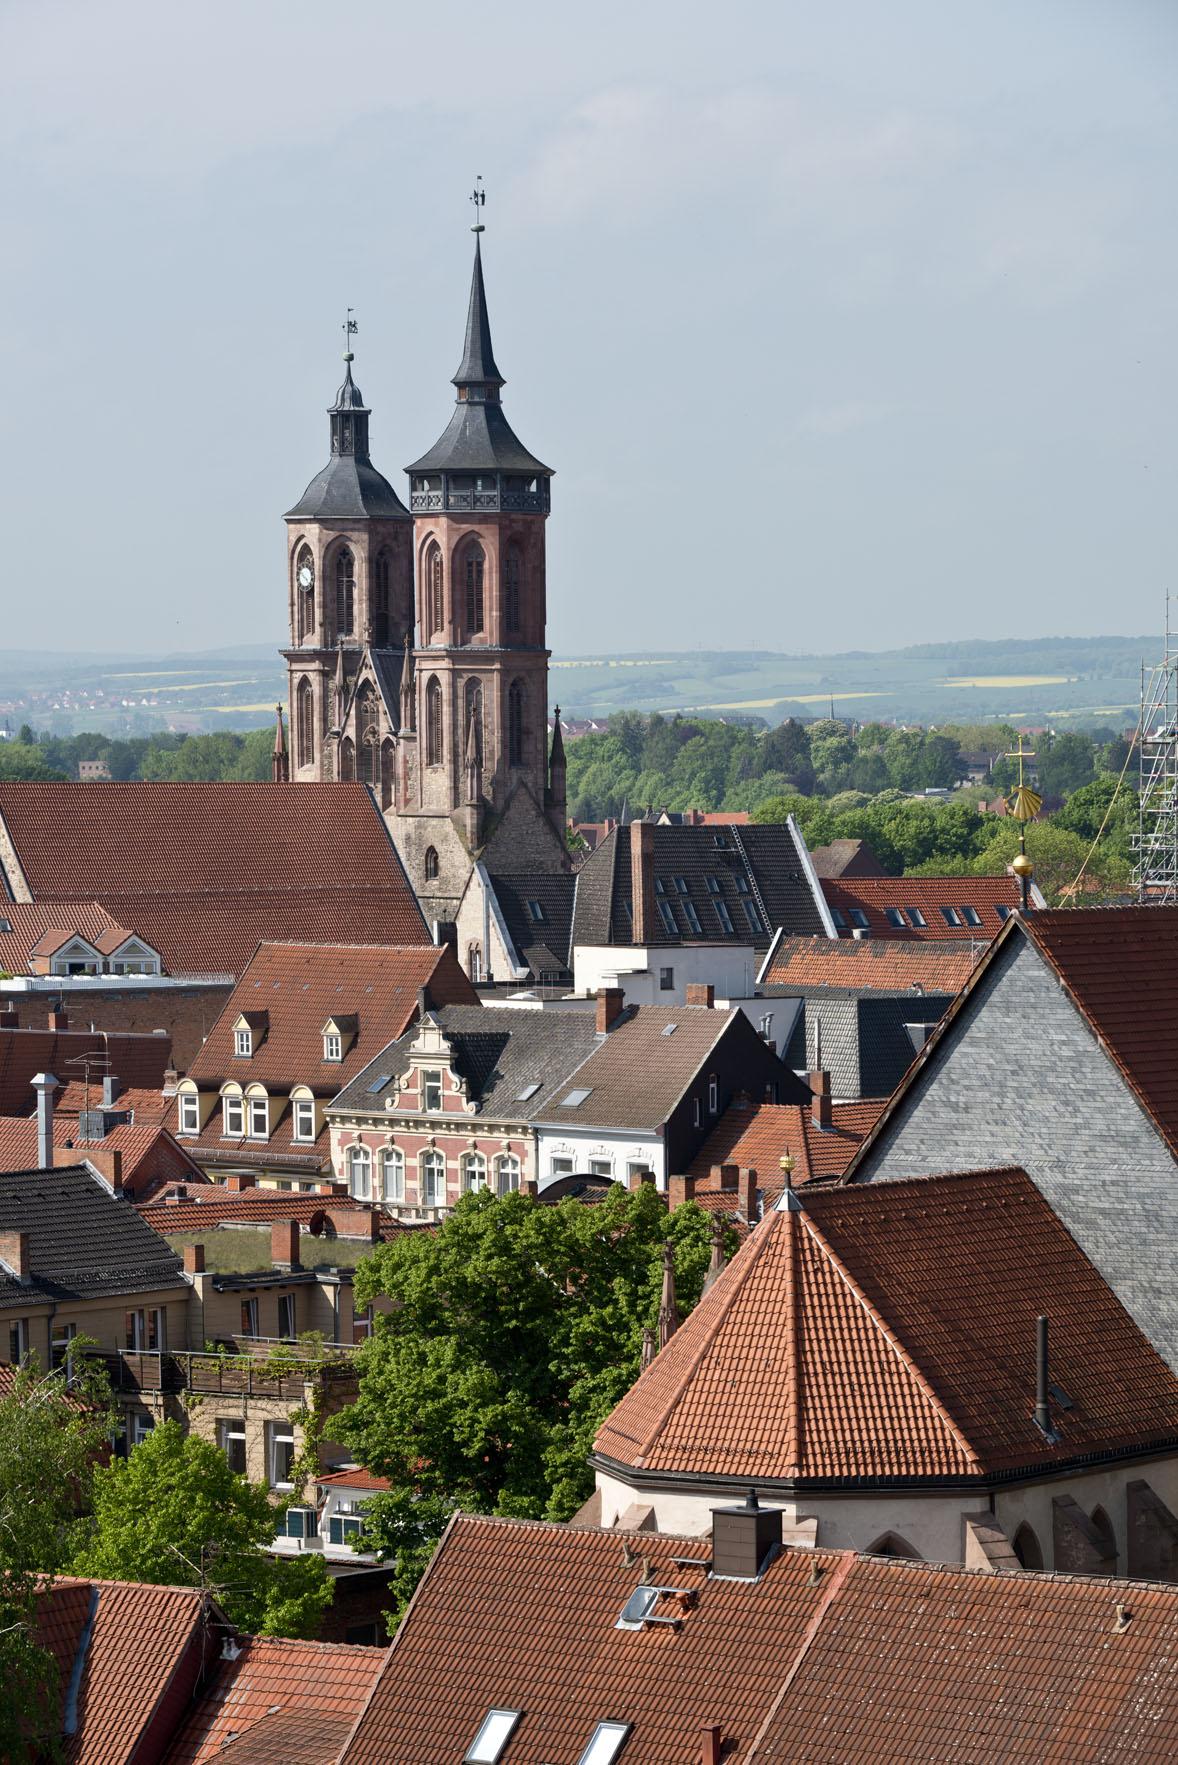 Blick auf die Innenstadt Göttingens / Johanniskirche